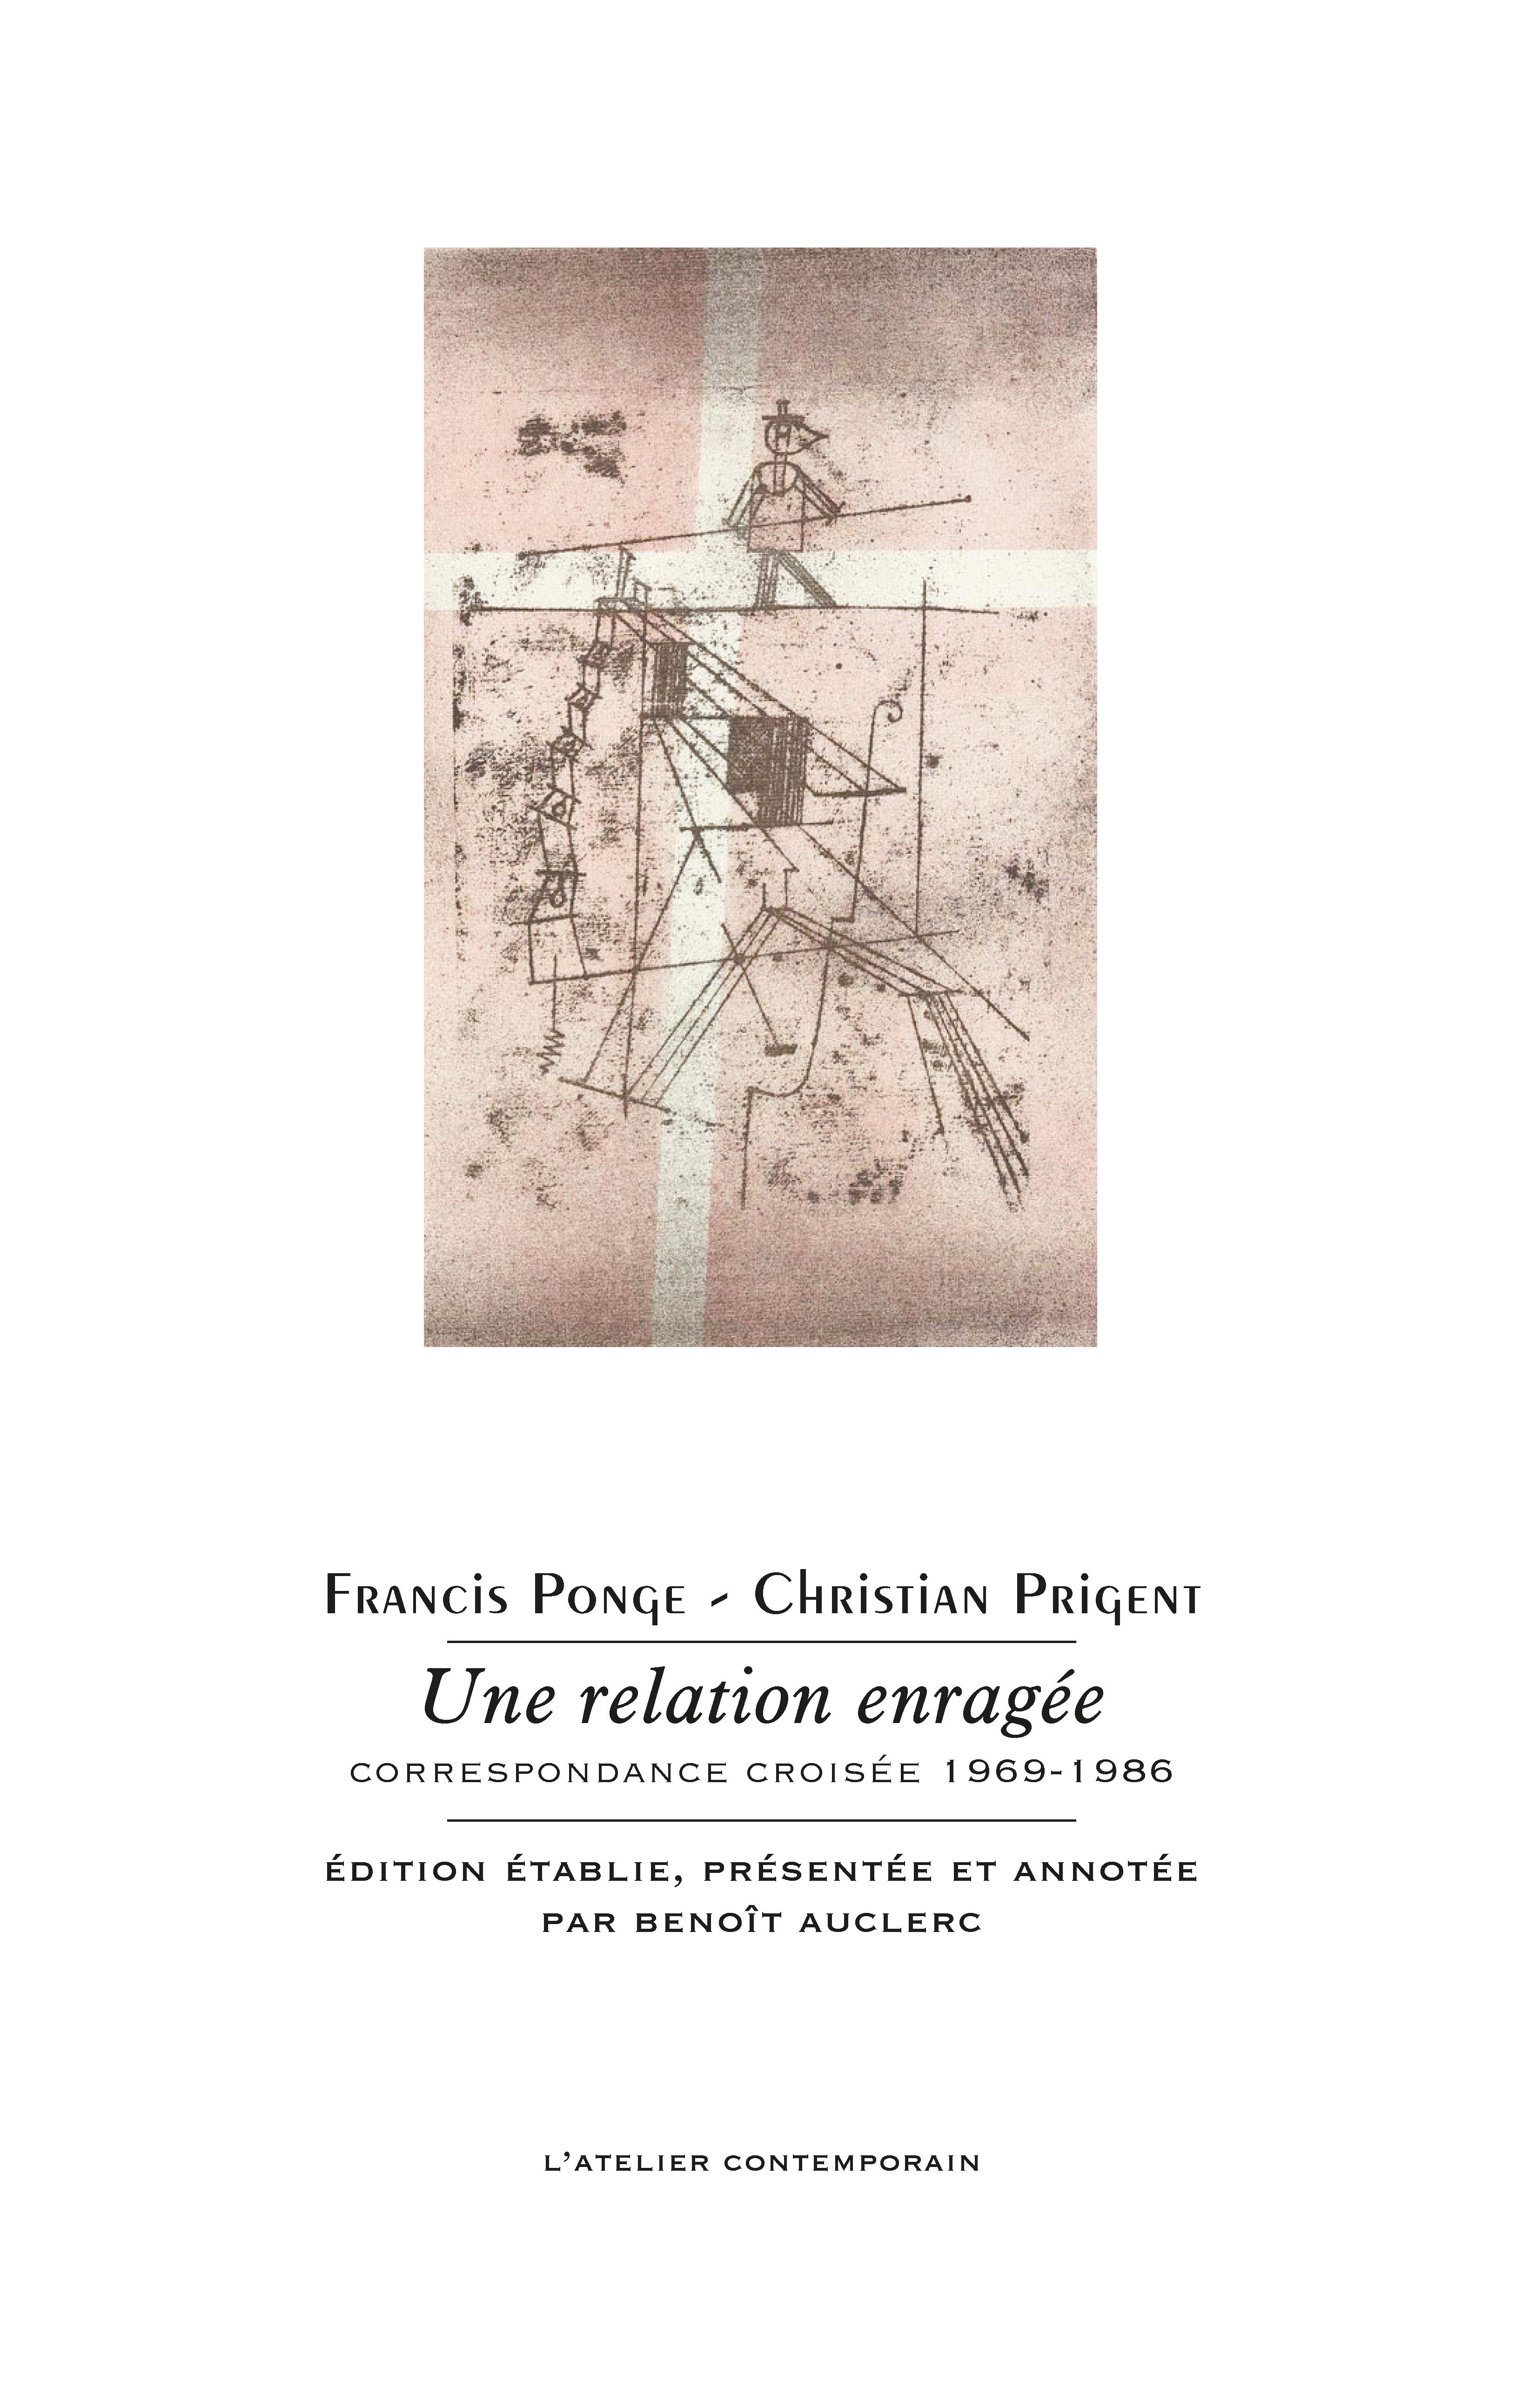 F. Ponge, C. Prigent, Une Relation enragée – Correspondance croisée 1969-1986 (éd. B. Auclerc)